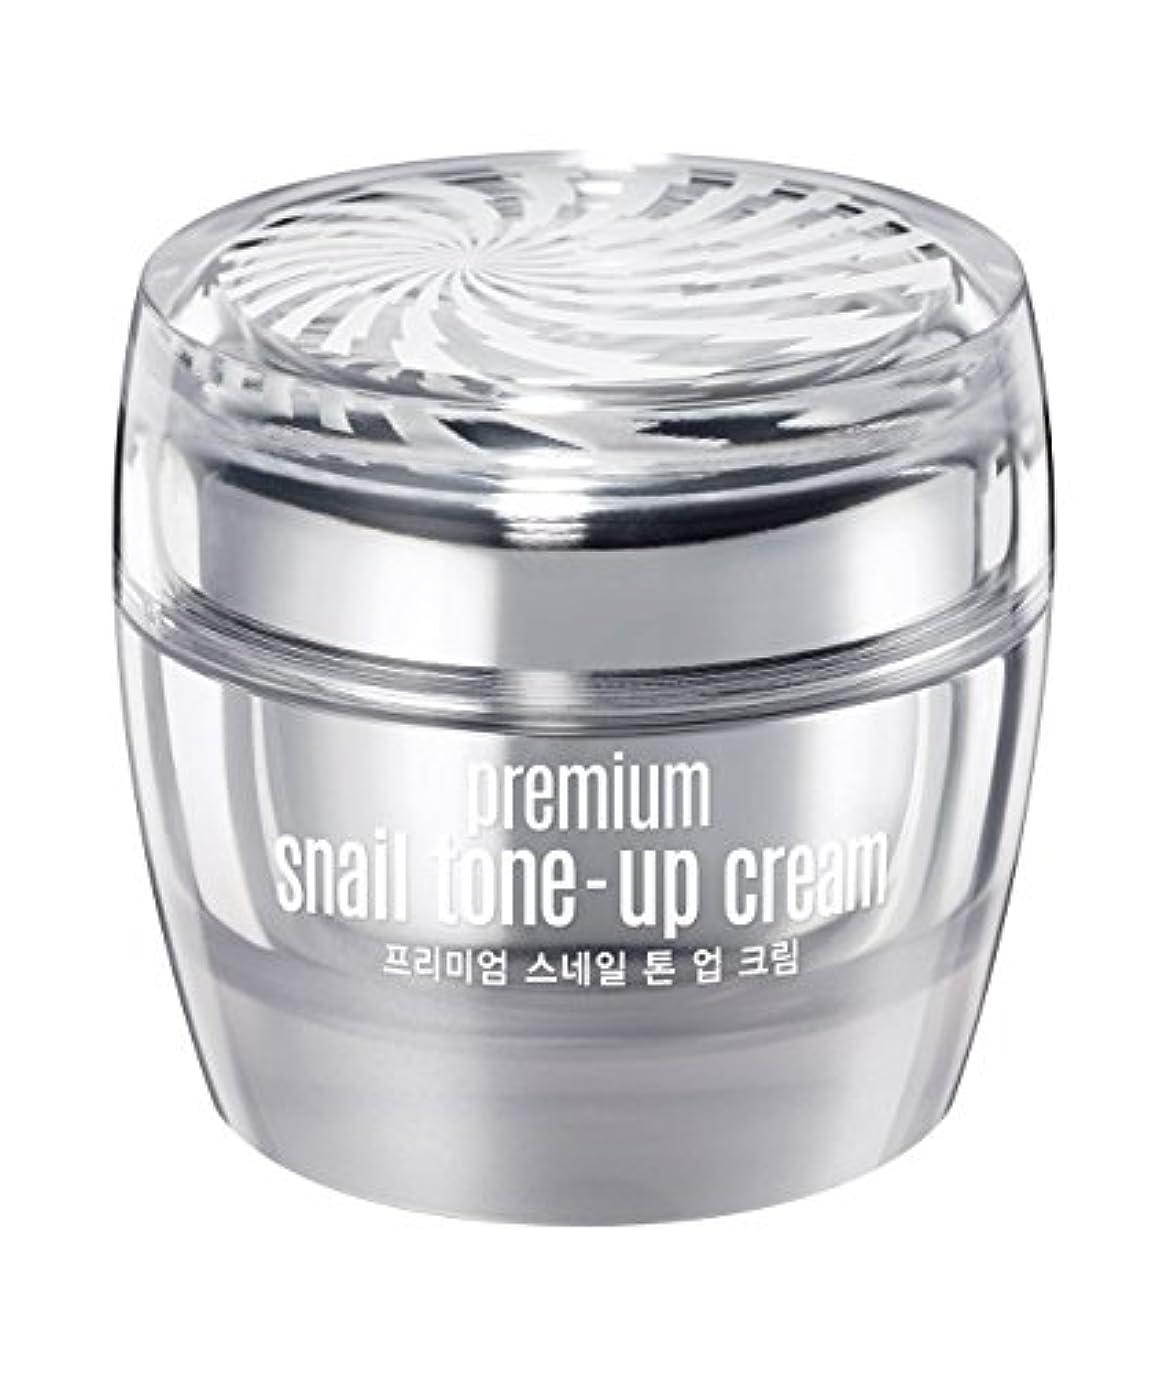 机儀式眉をひそめるGoodal Premium Snail Tone Up Whitening Cream 50ml プレミアムカタツムリトーンアップクリーム